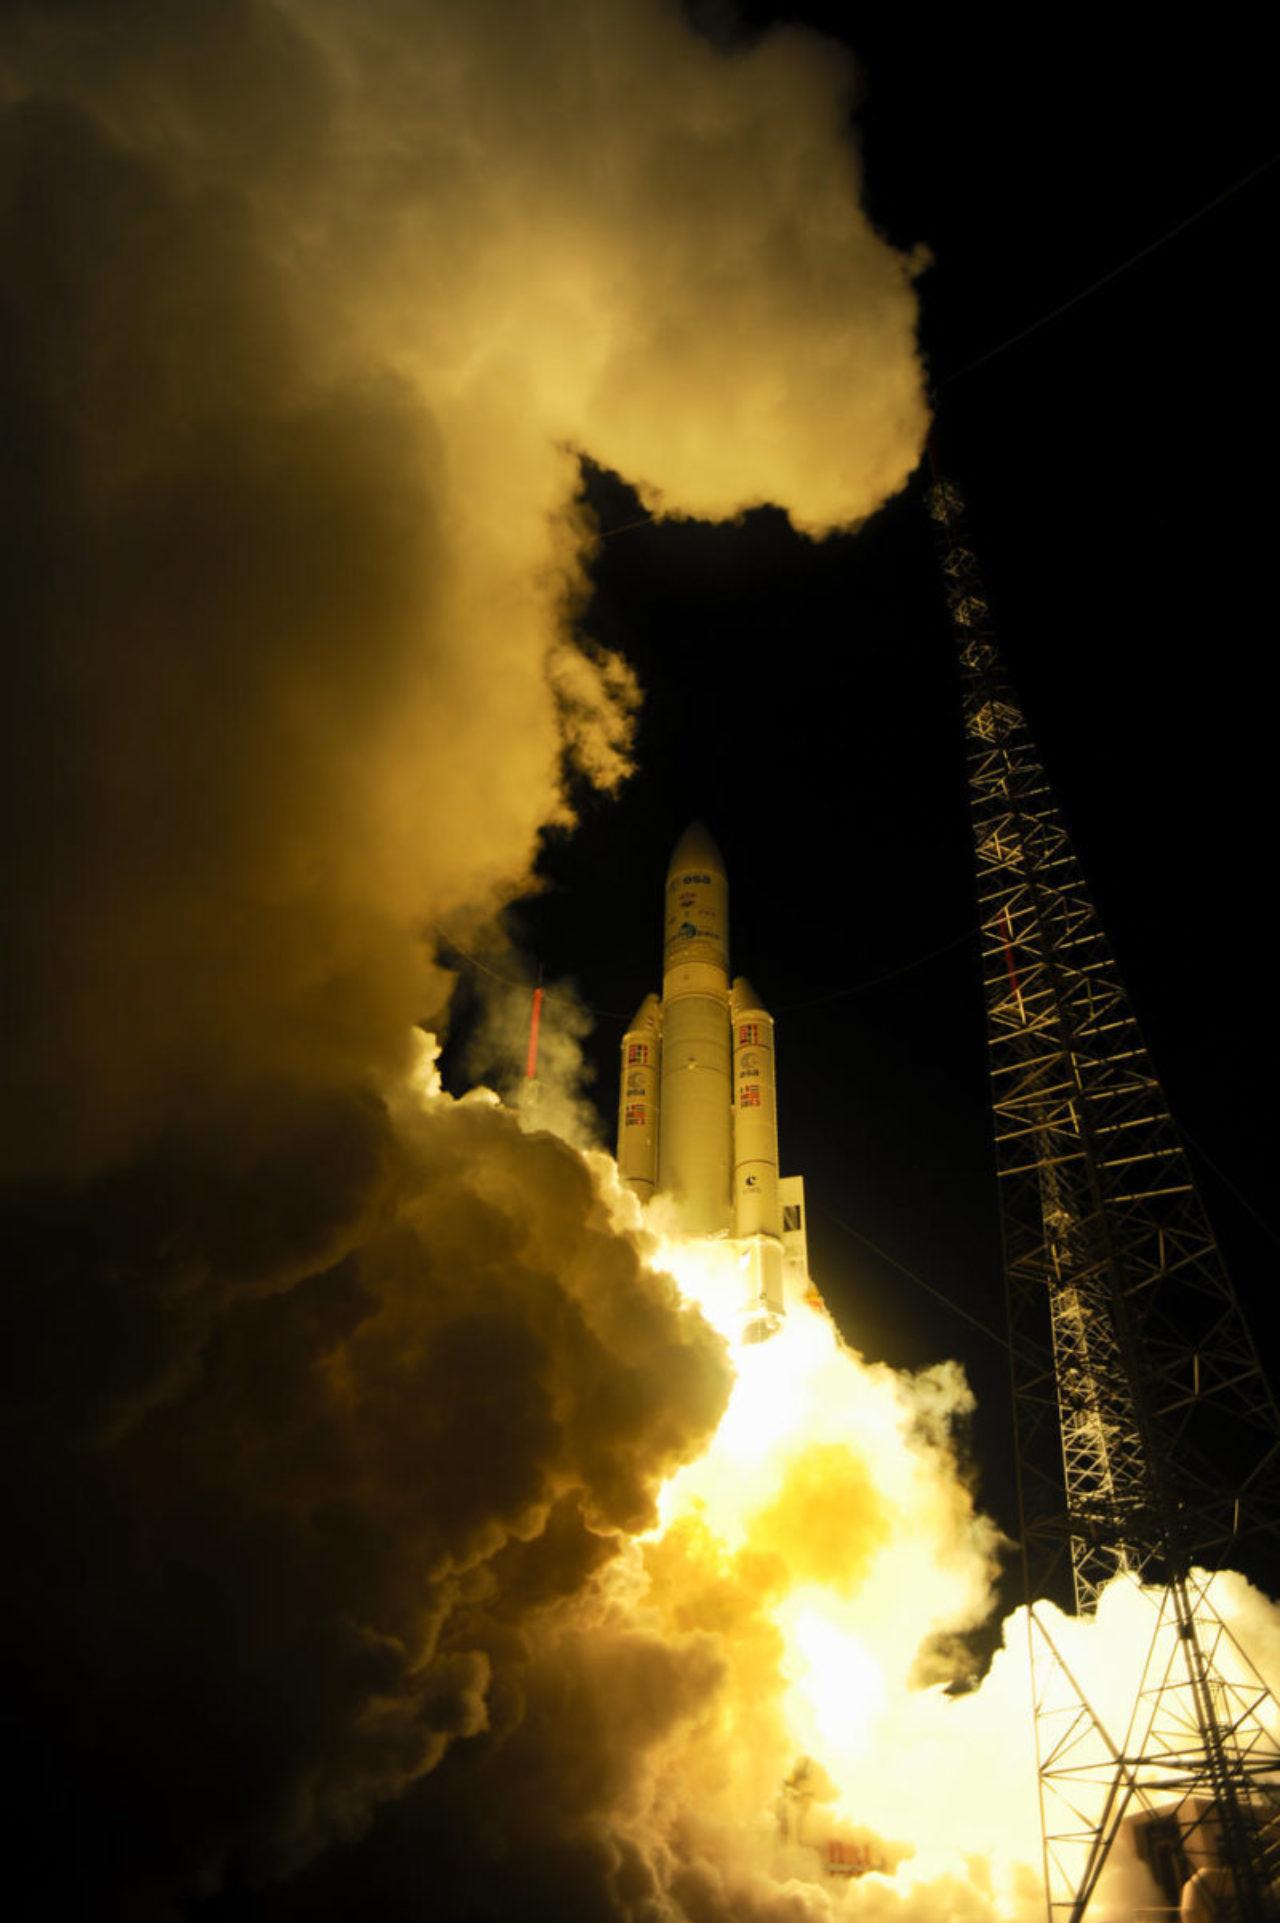 """Am 5. Juni 2013 wurde das 20,2 Tonnen schwere ATV-4 """"Albert Einstein"""" von einer modifizierten Version der Trägerrakete Ariane 5 auf seinen Weg in Richtung der Internationalen Raumstation ISS gebracht. © ESA–S. Corvaja, 2013"""